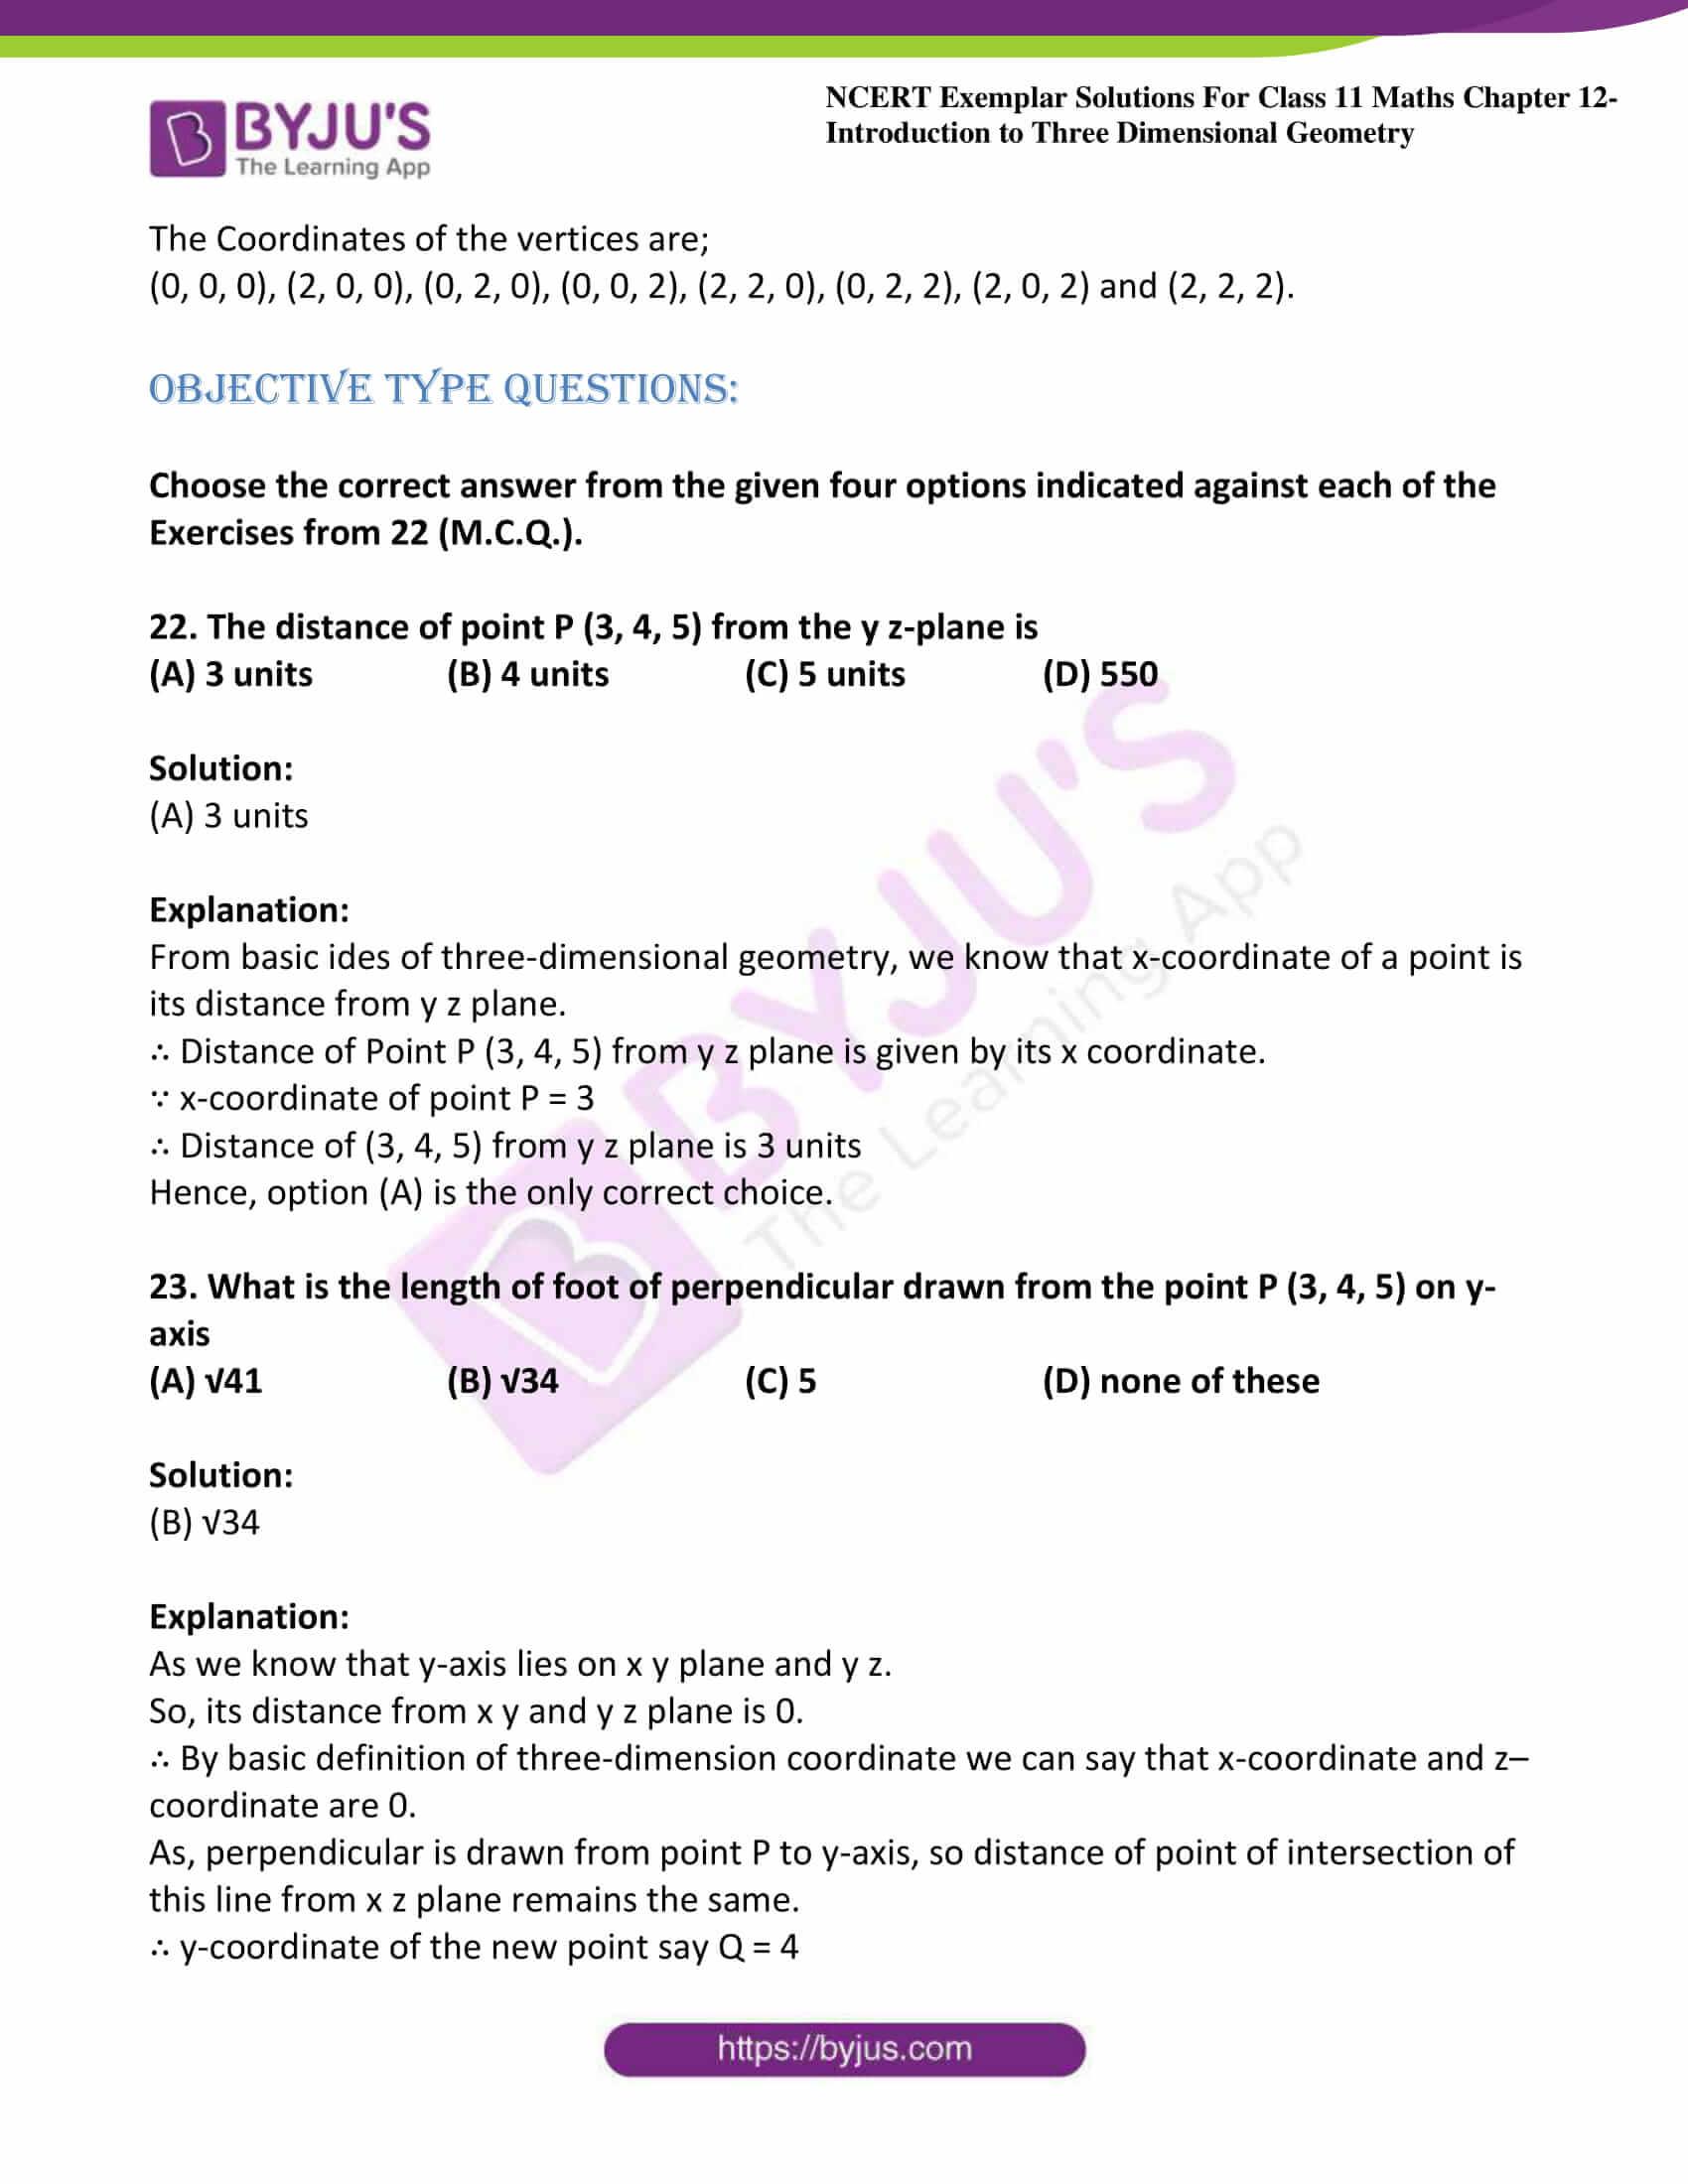 ncert exemplar sol class 11 maths chpt 12 three dimensional 12